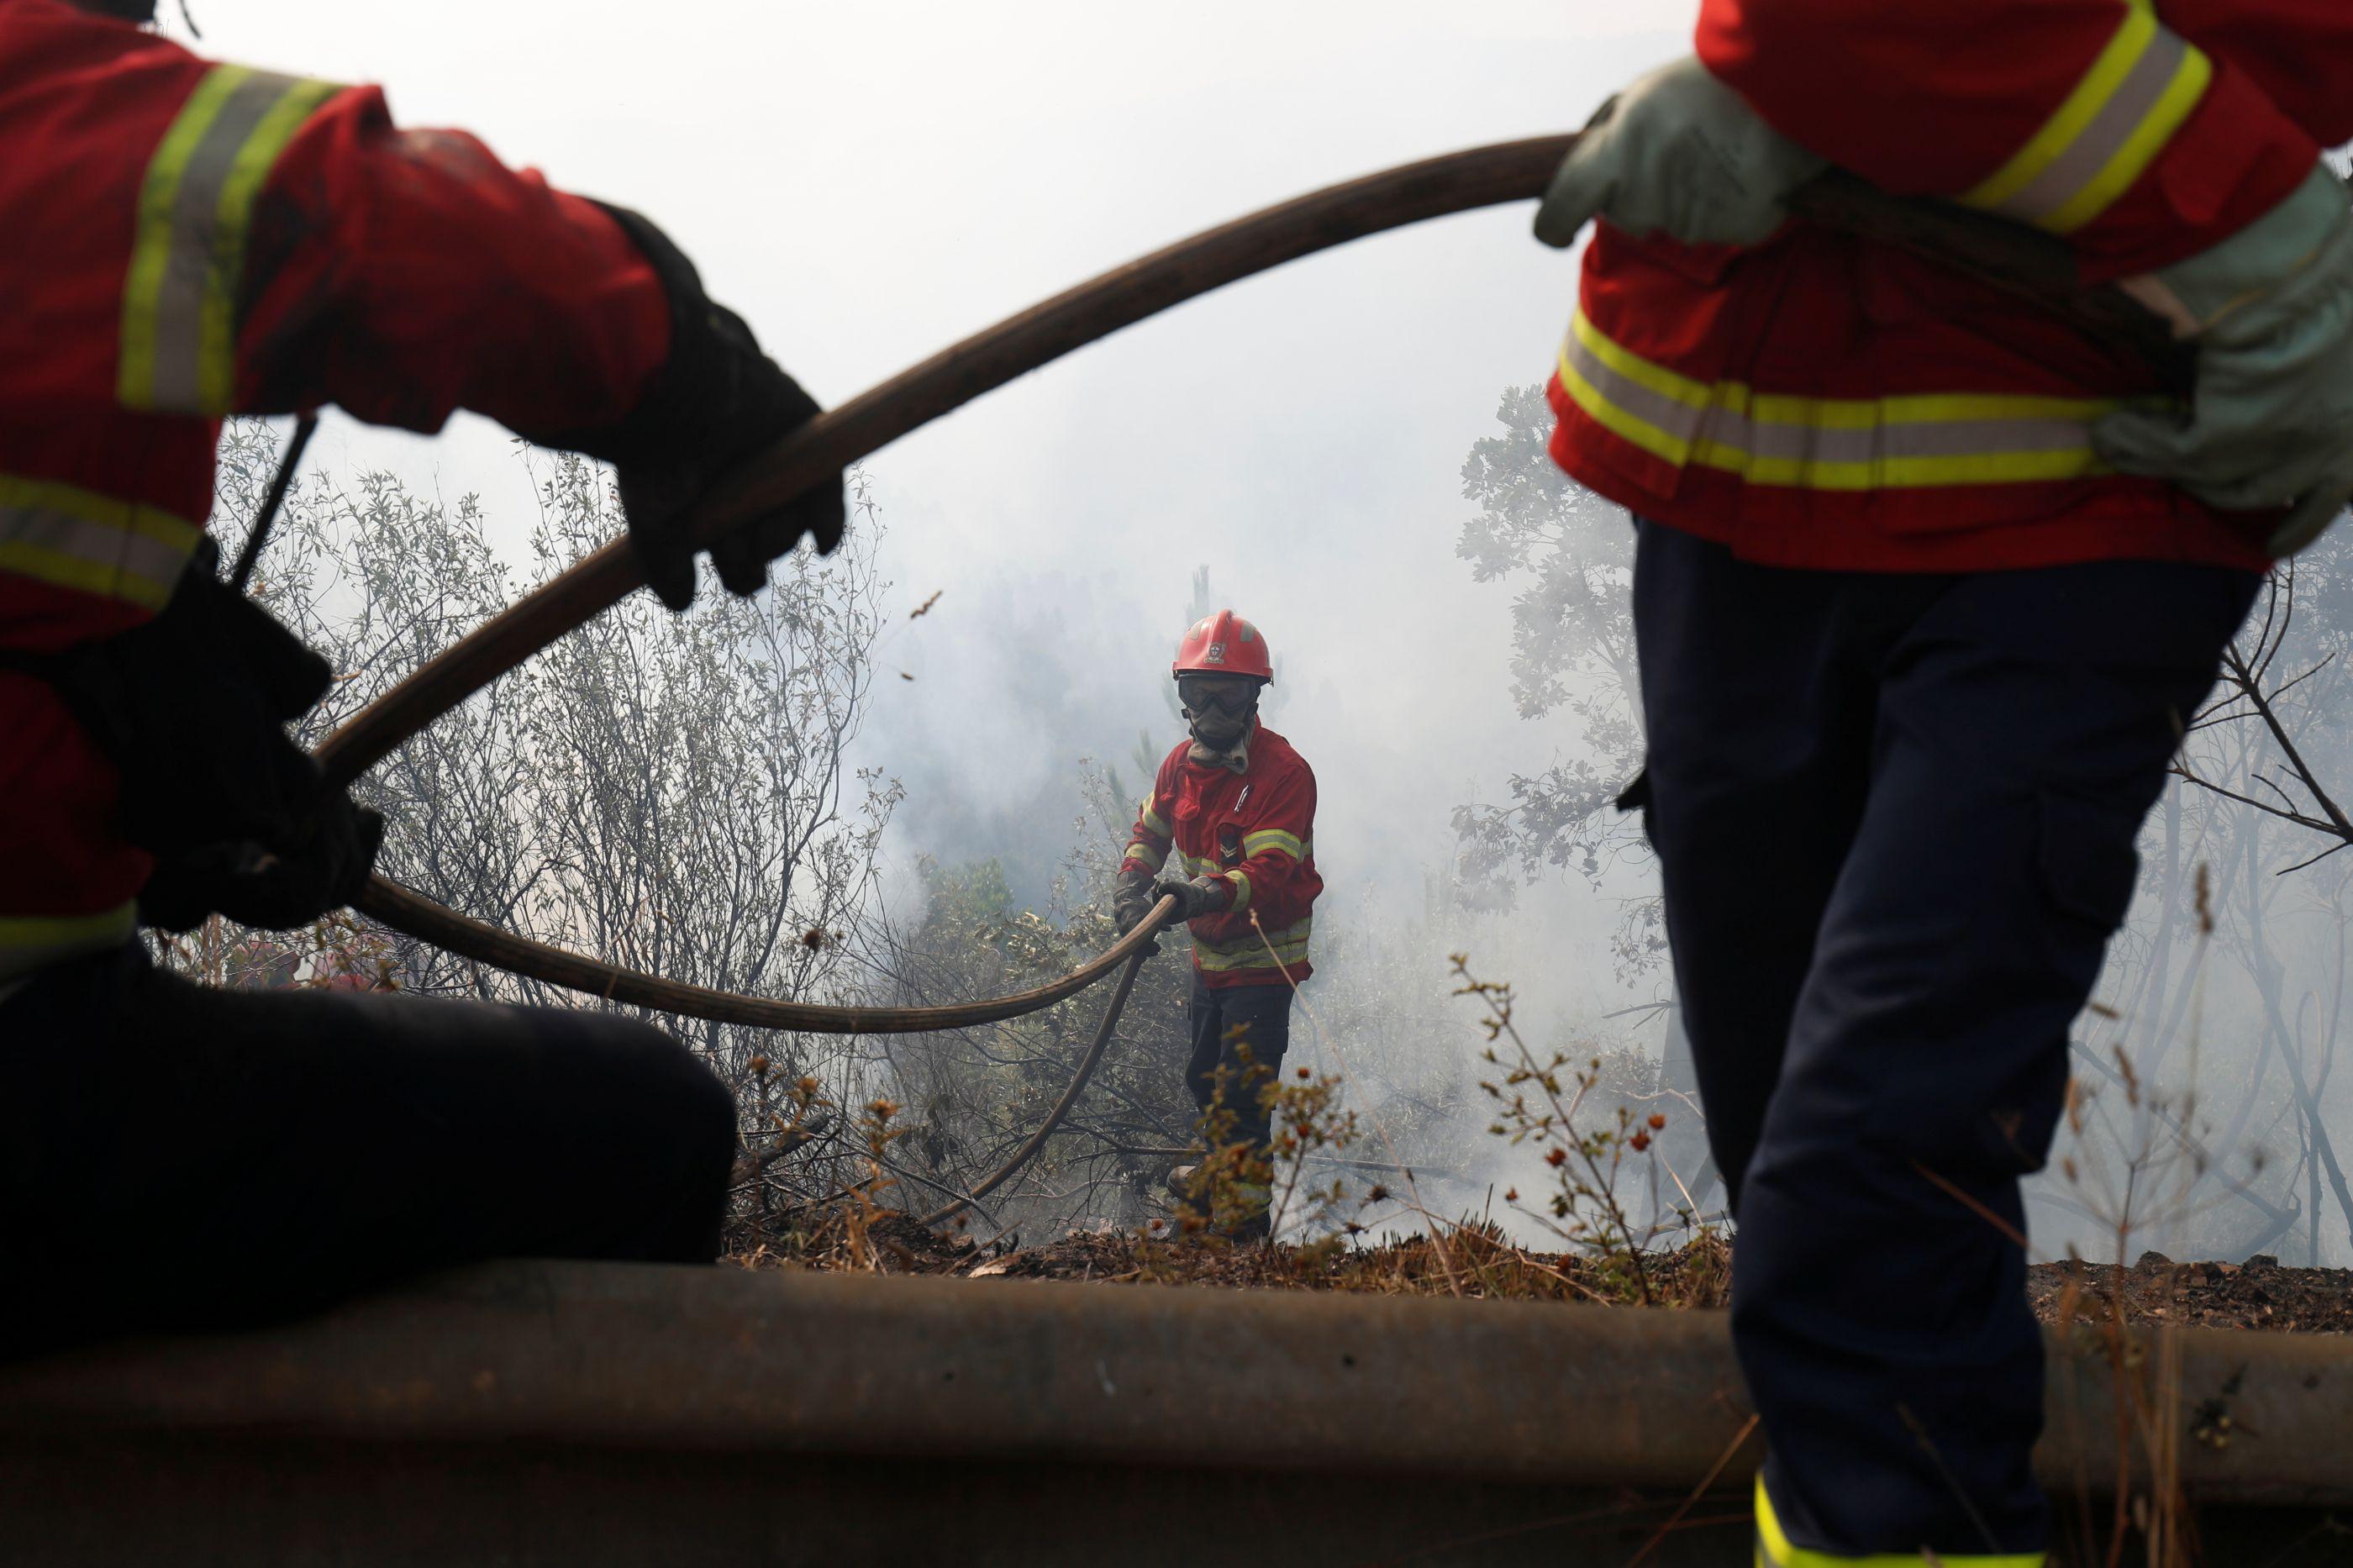 Fogo na serra de Sintra entrou na fase de rescaldo. Há 21 feridos